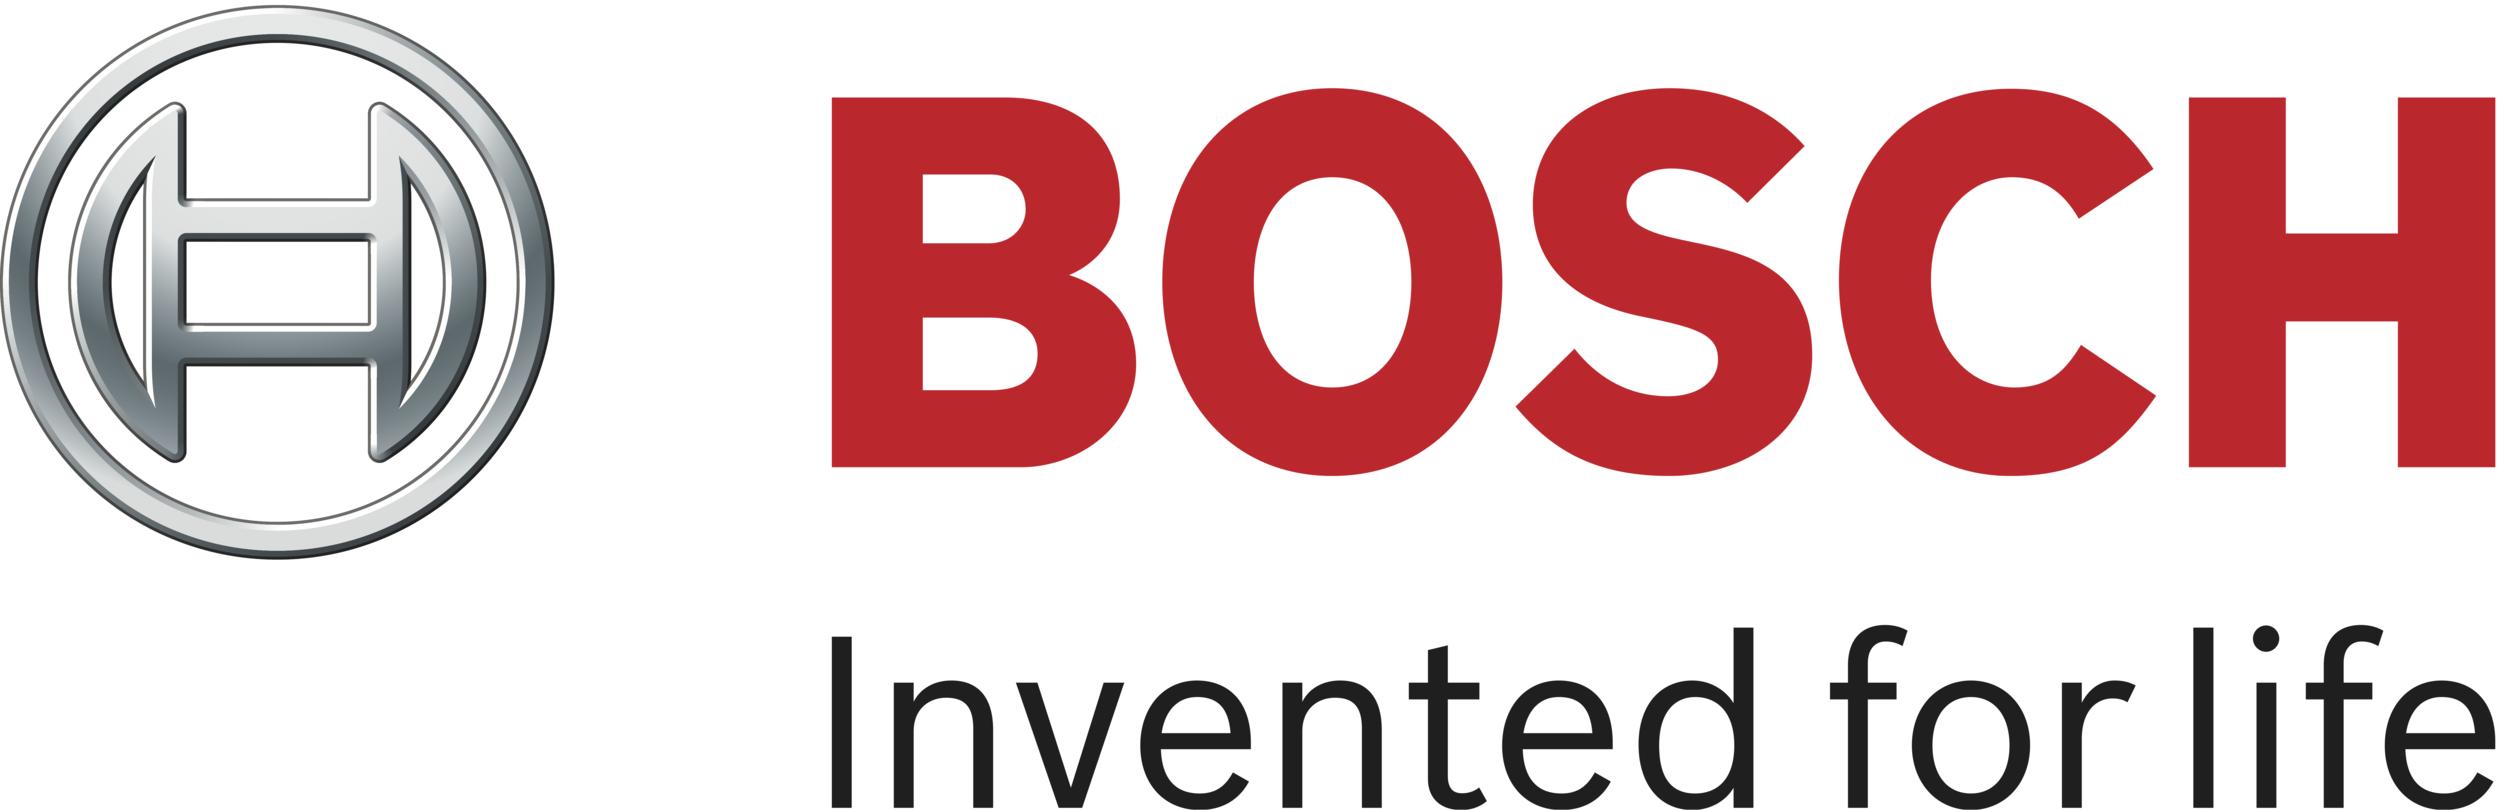 Bosch_SL-en_4C_L.png